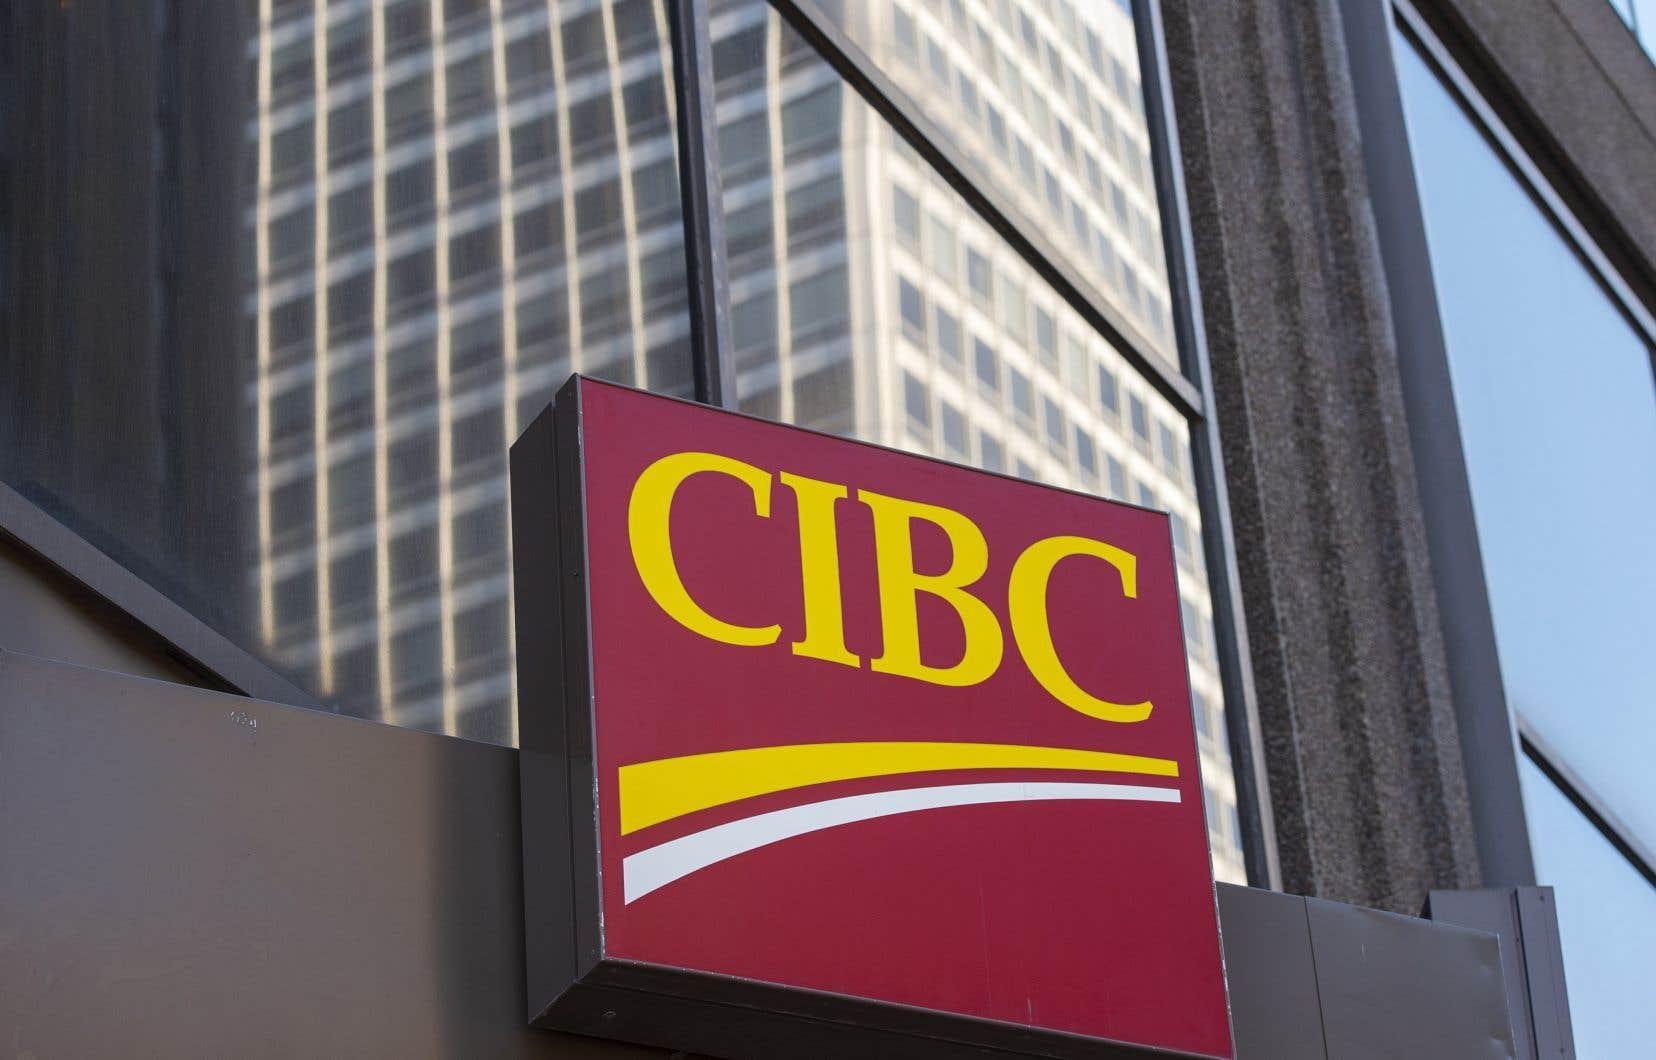 S'exprimant lors d'un déjeuner annuel organisé virtuellement par l'Economic Club of Canada, les économistes ont exprimé un optimisme prudent quant aux mois à venir.